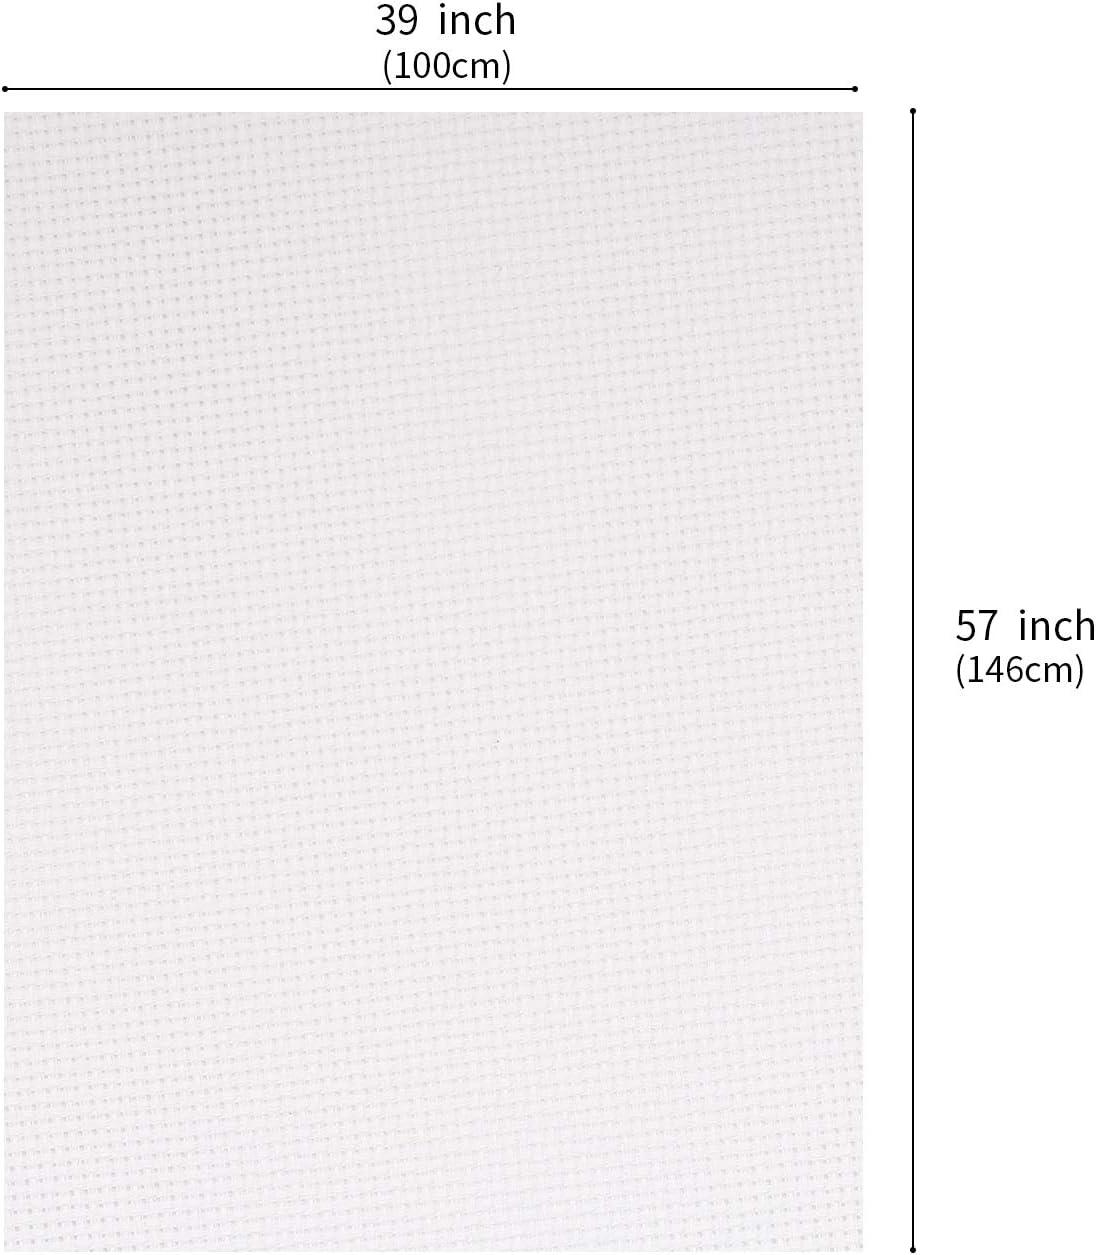 Kunsthandwerk cremewei/ß 14-f/ädig DIY Handarbeit Bonroy Aida-Stoff Kreuzstich f/ür Stickerei Nedleworks gro/ße Gr/ö/ße